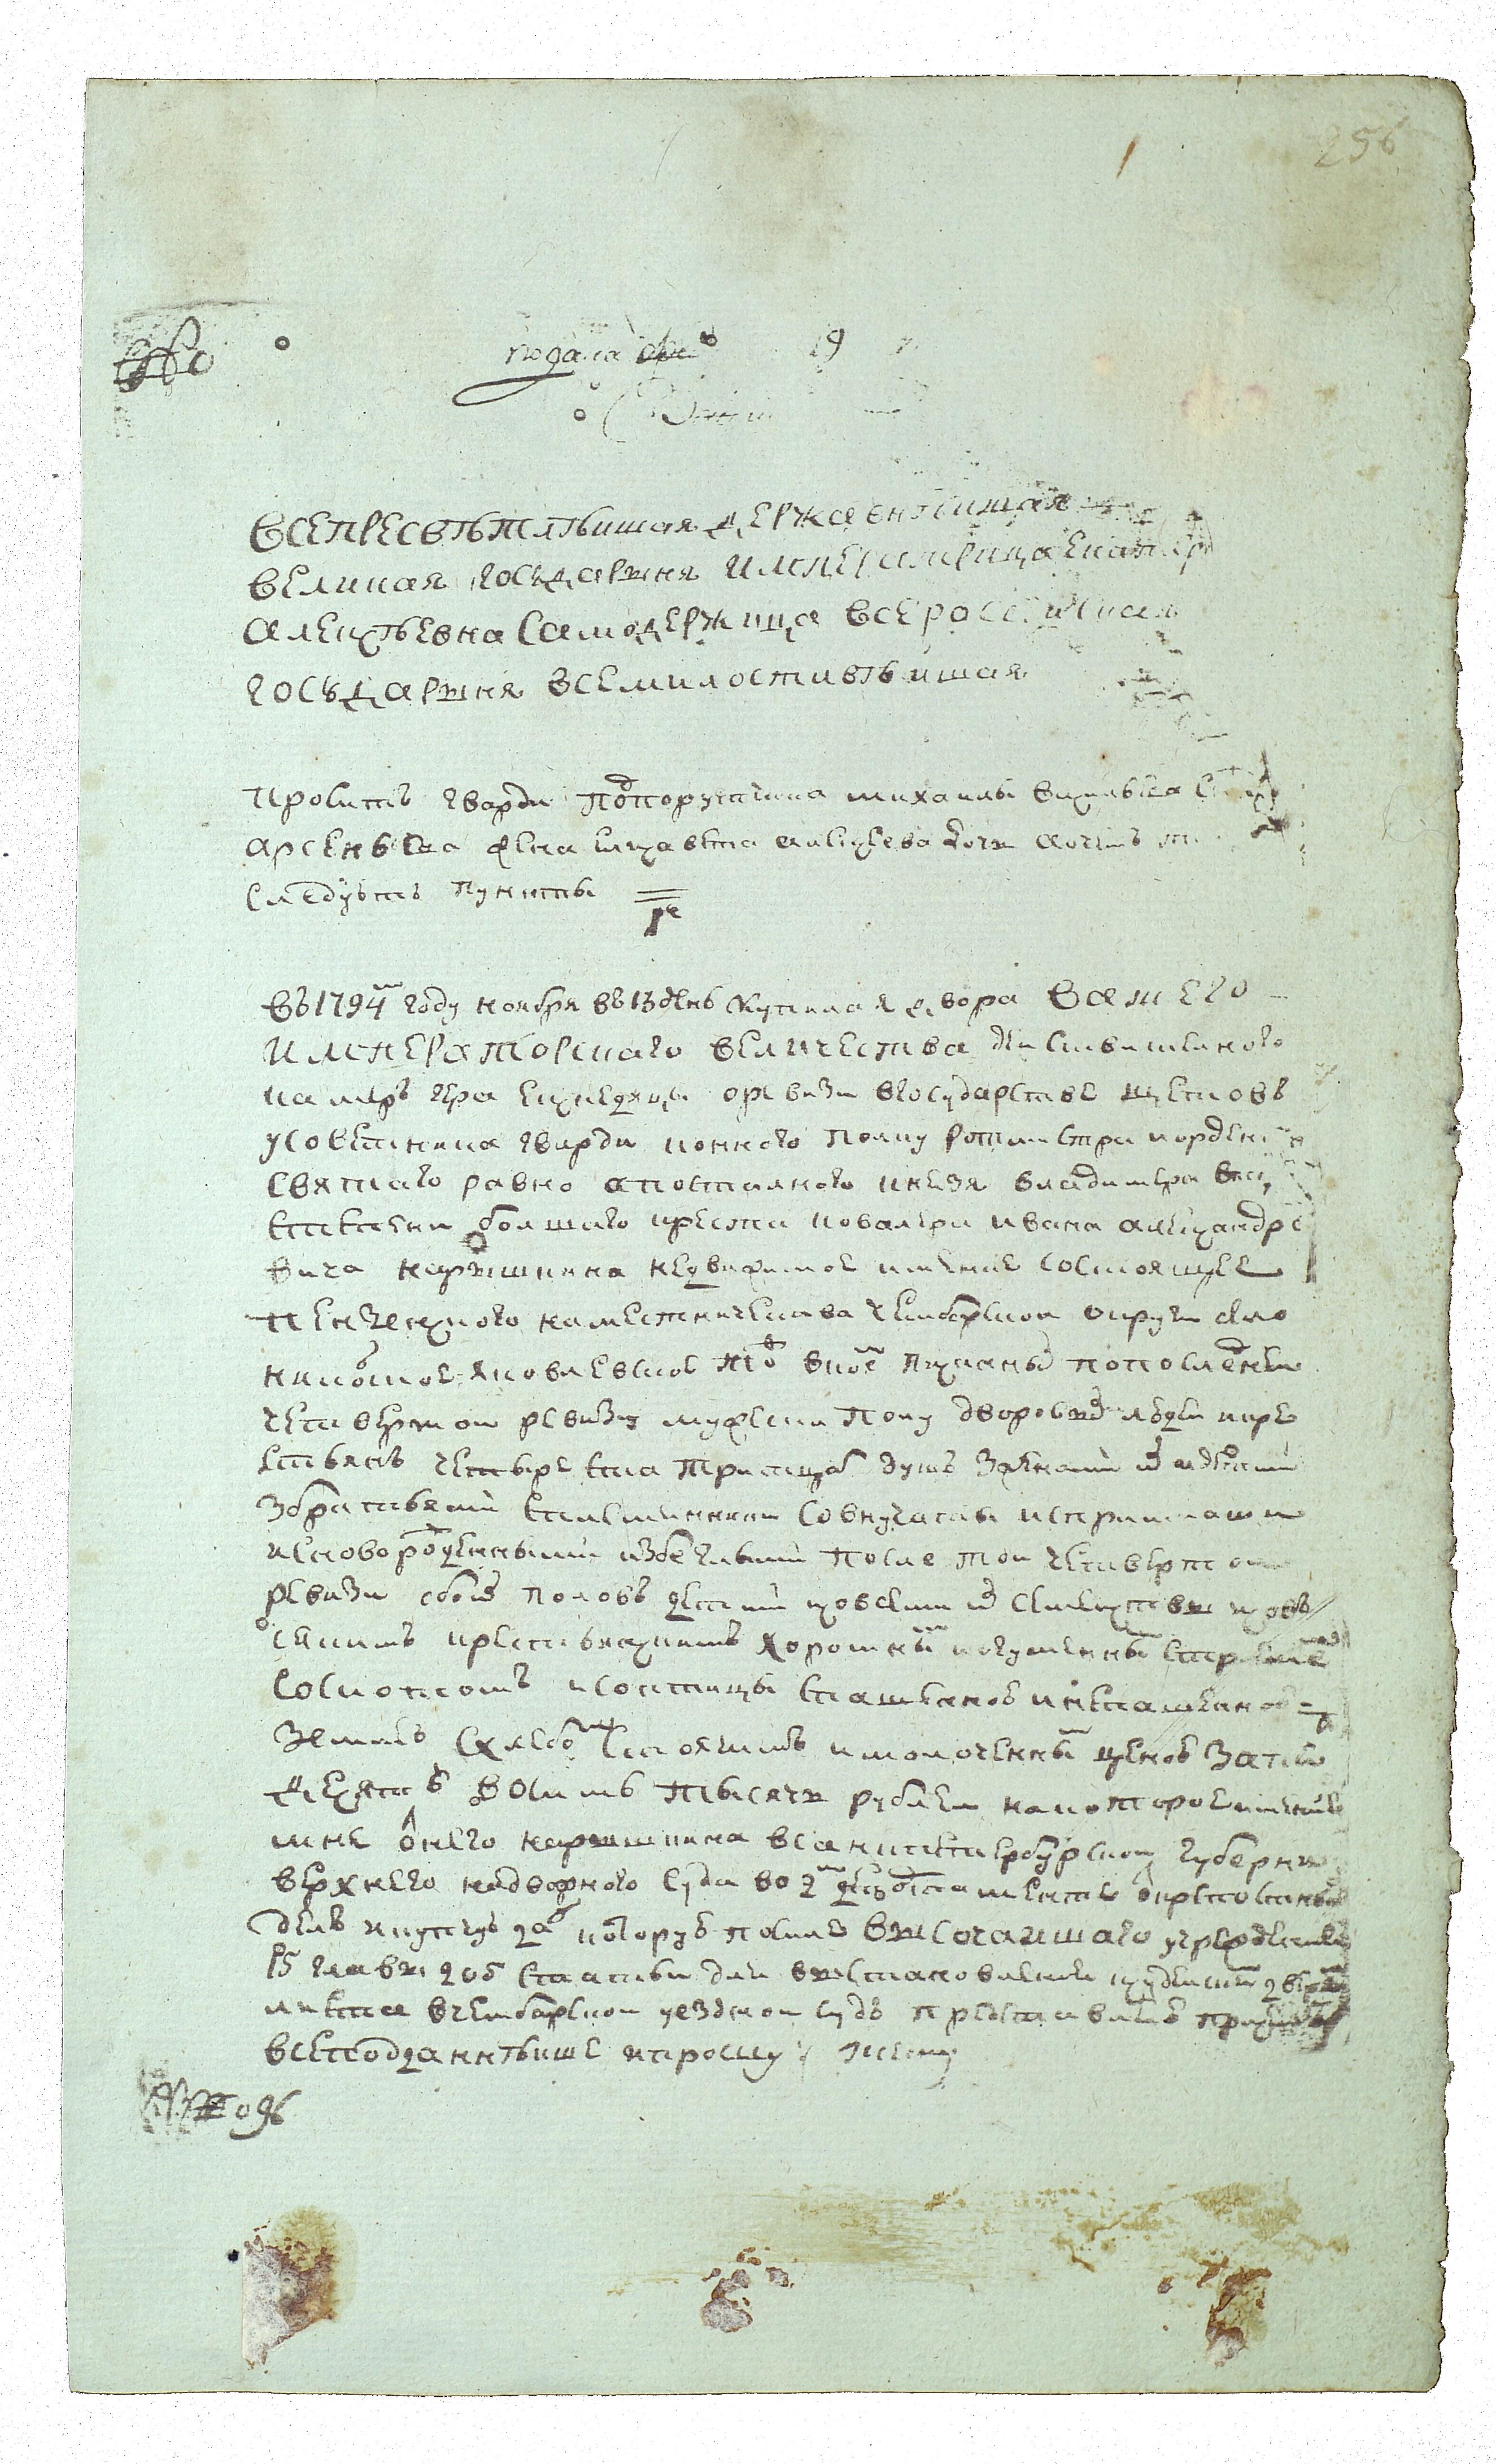 Прошение Е.А. Арсеньевой о вводе ее во владение имением. 19 февраля 1795 г.